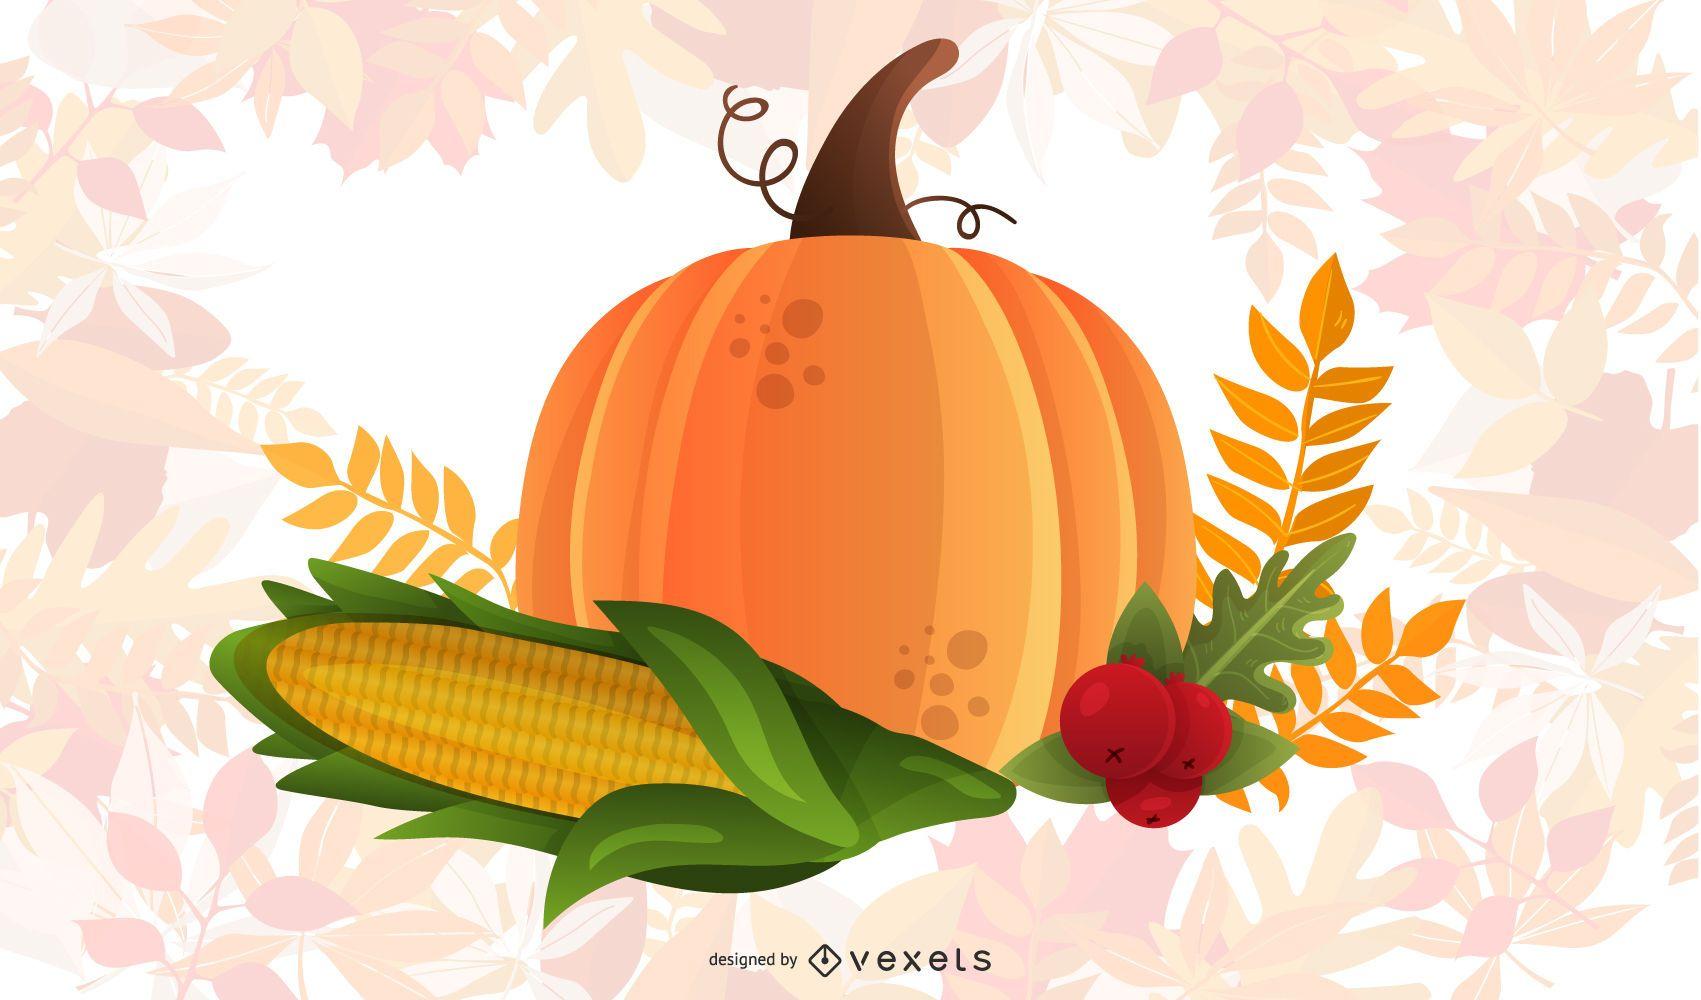 Autumn pumpkin corn and wheat illustration